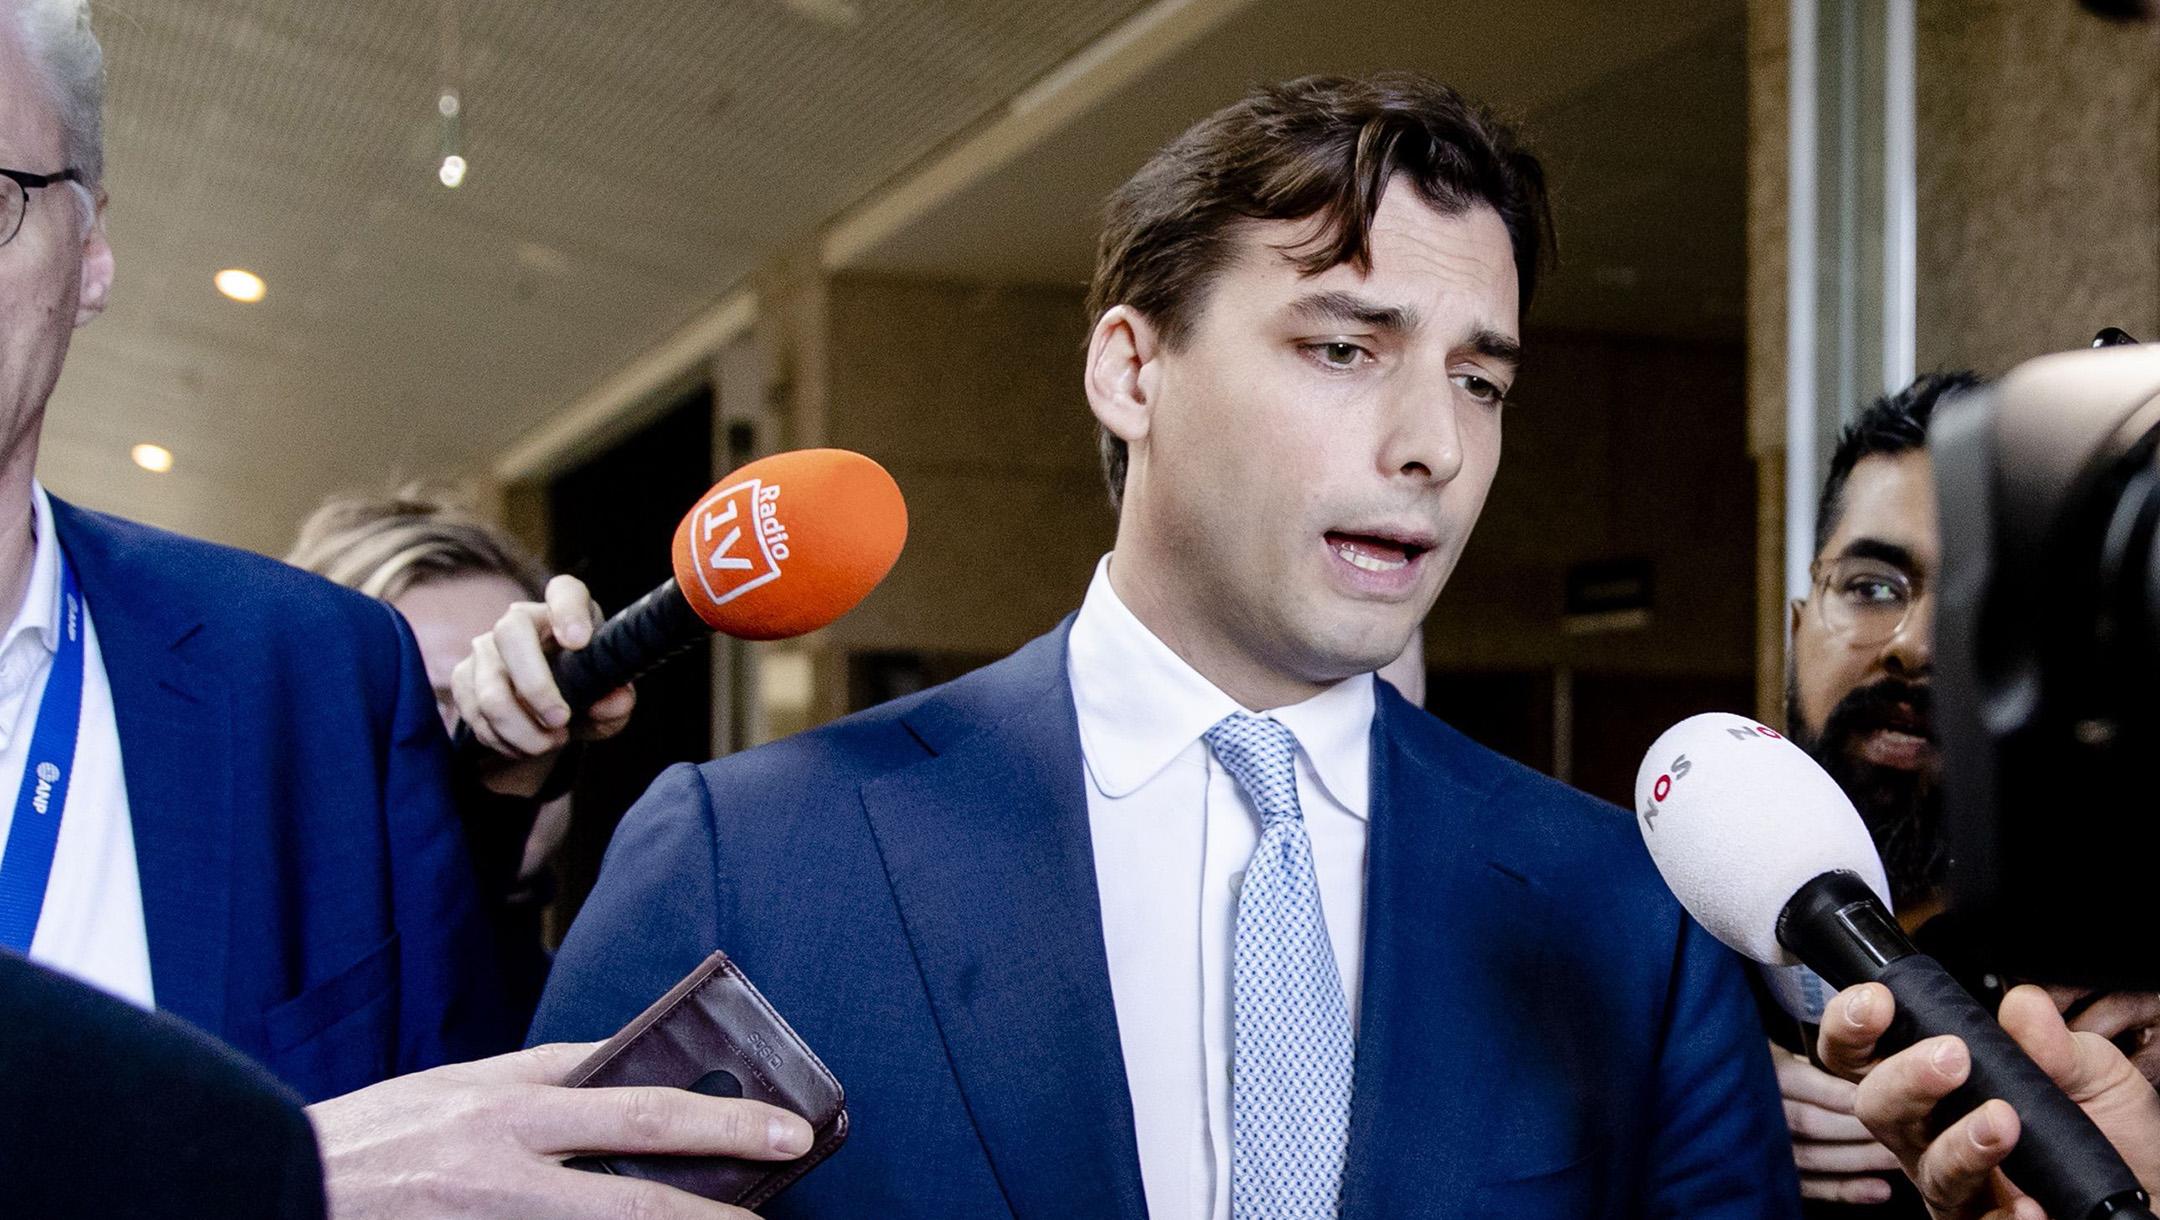 Dutch right-wing politician calls Nuremberg trials 'illegitimate'